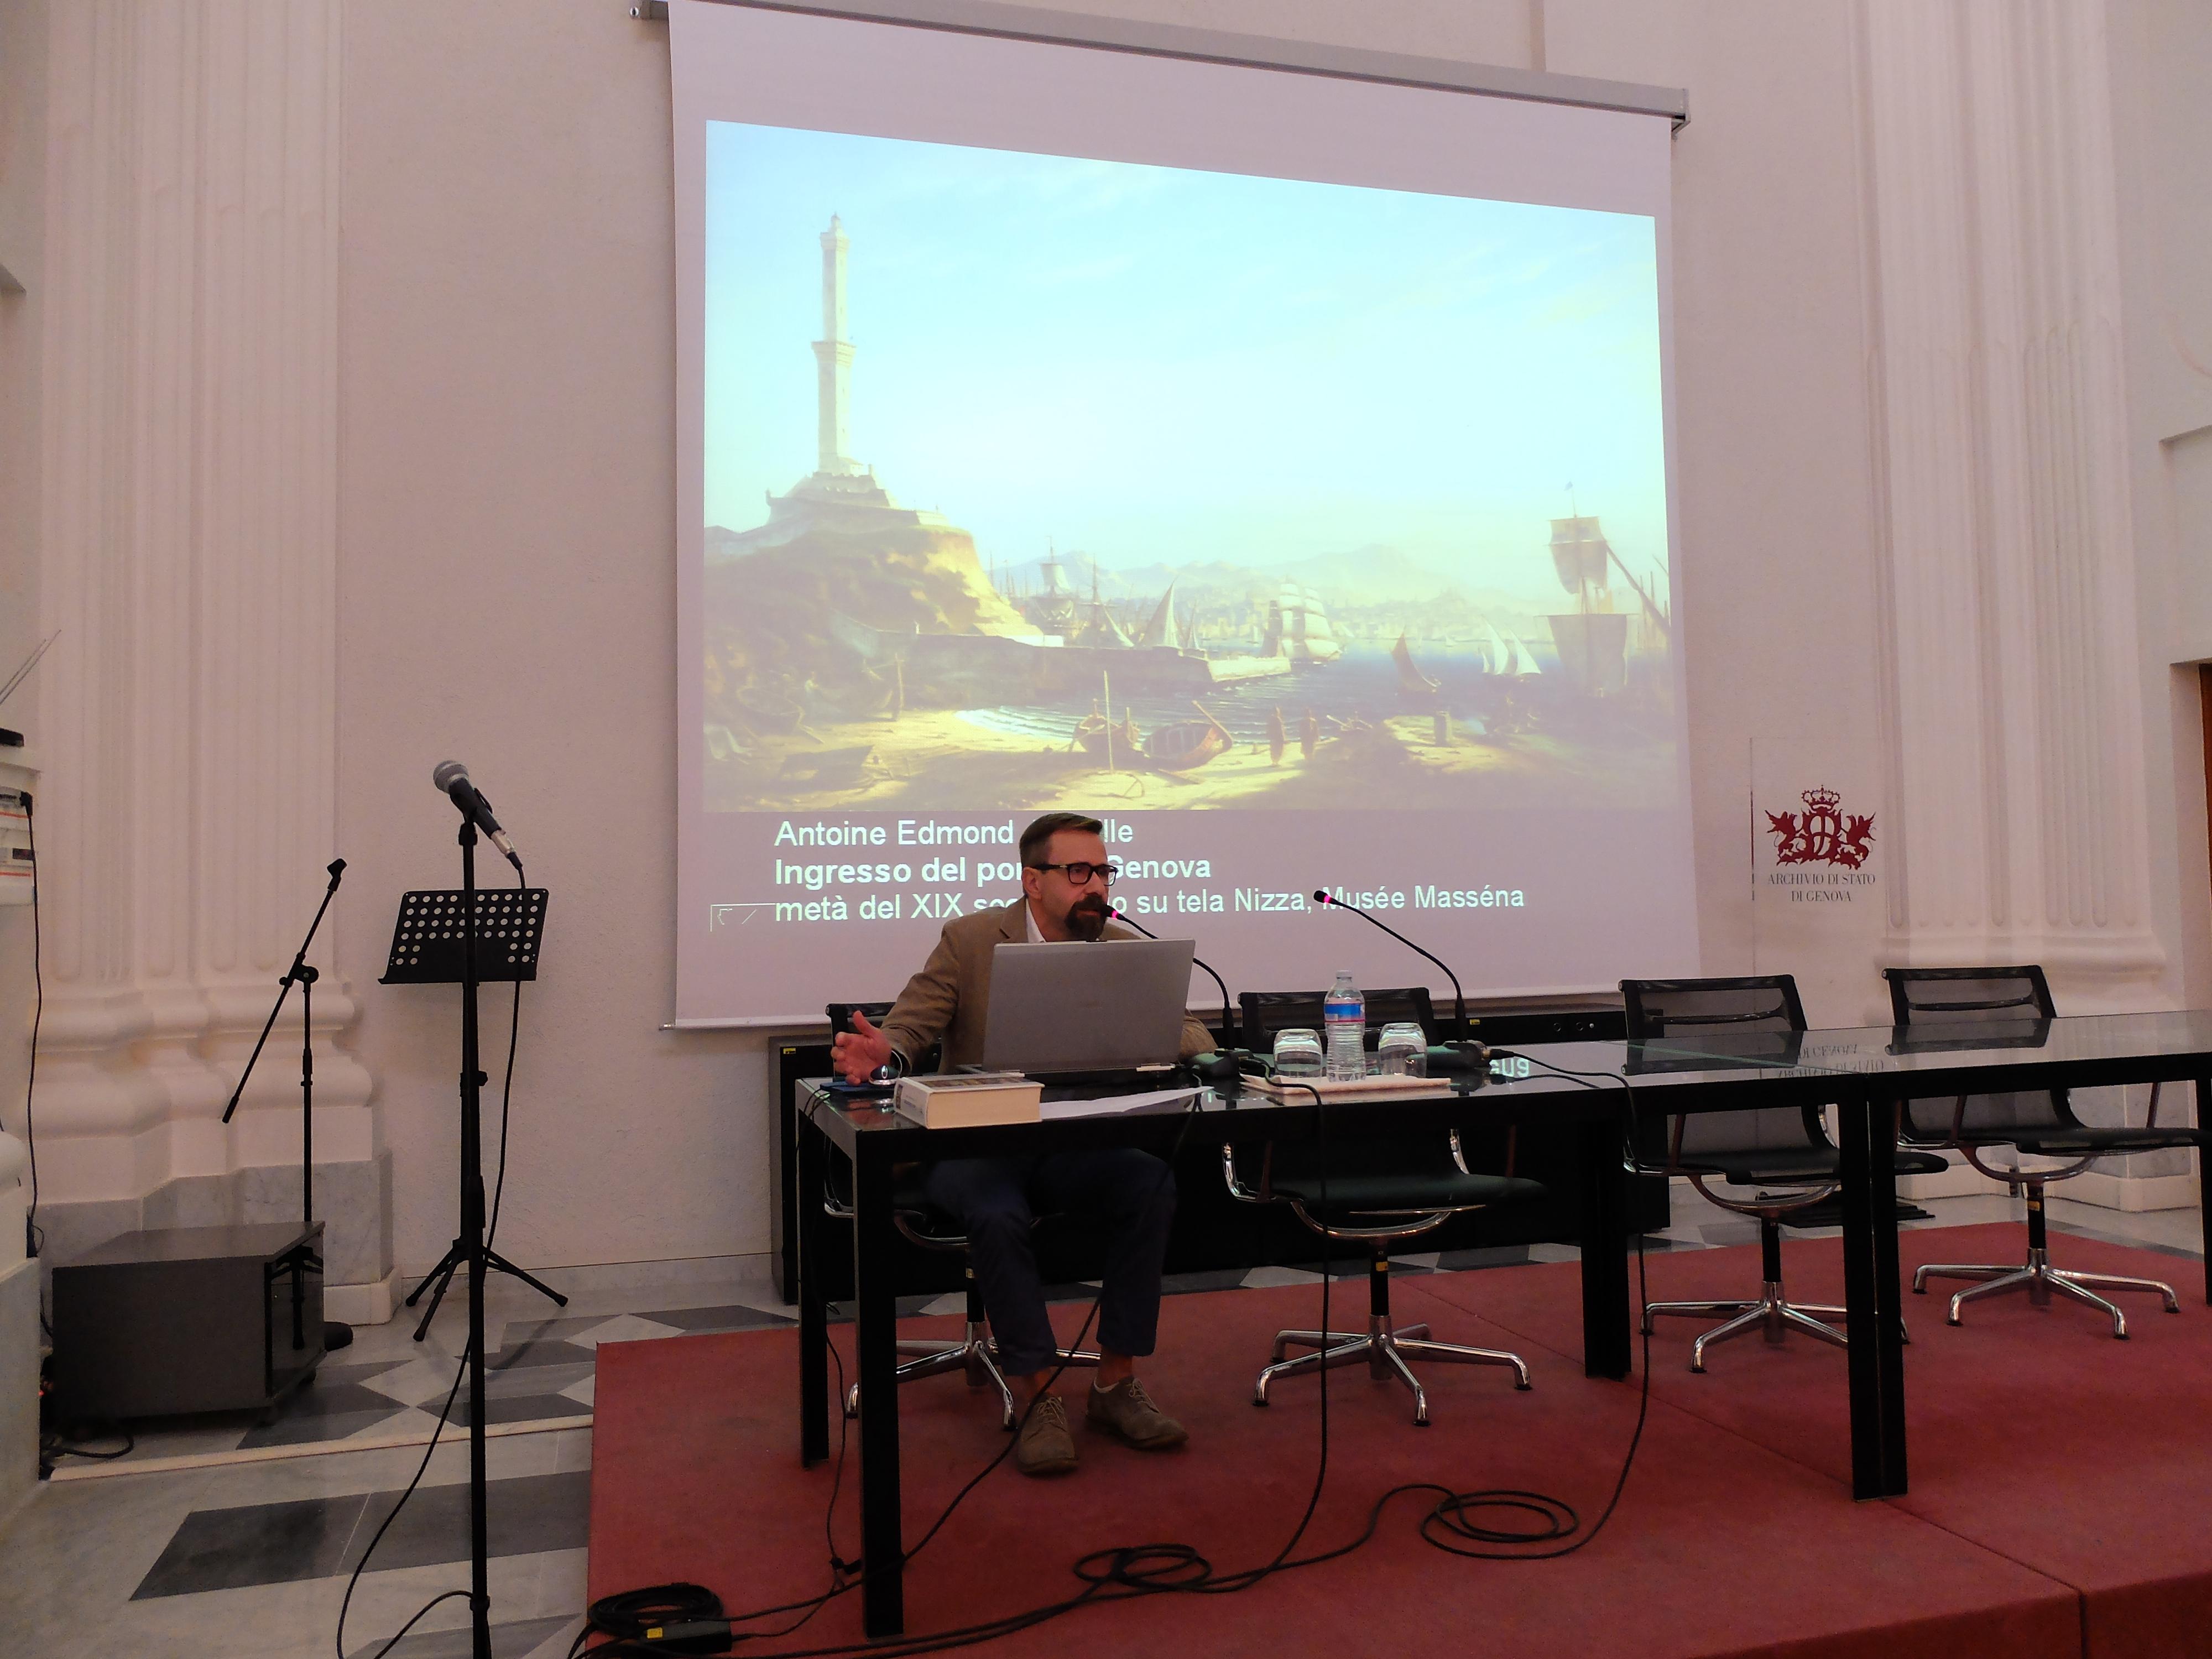 Simone Frangioni, Ufficio documentazione storica, archivio e fototeca del museo di Palazzo Reale